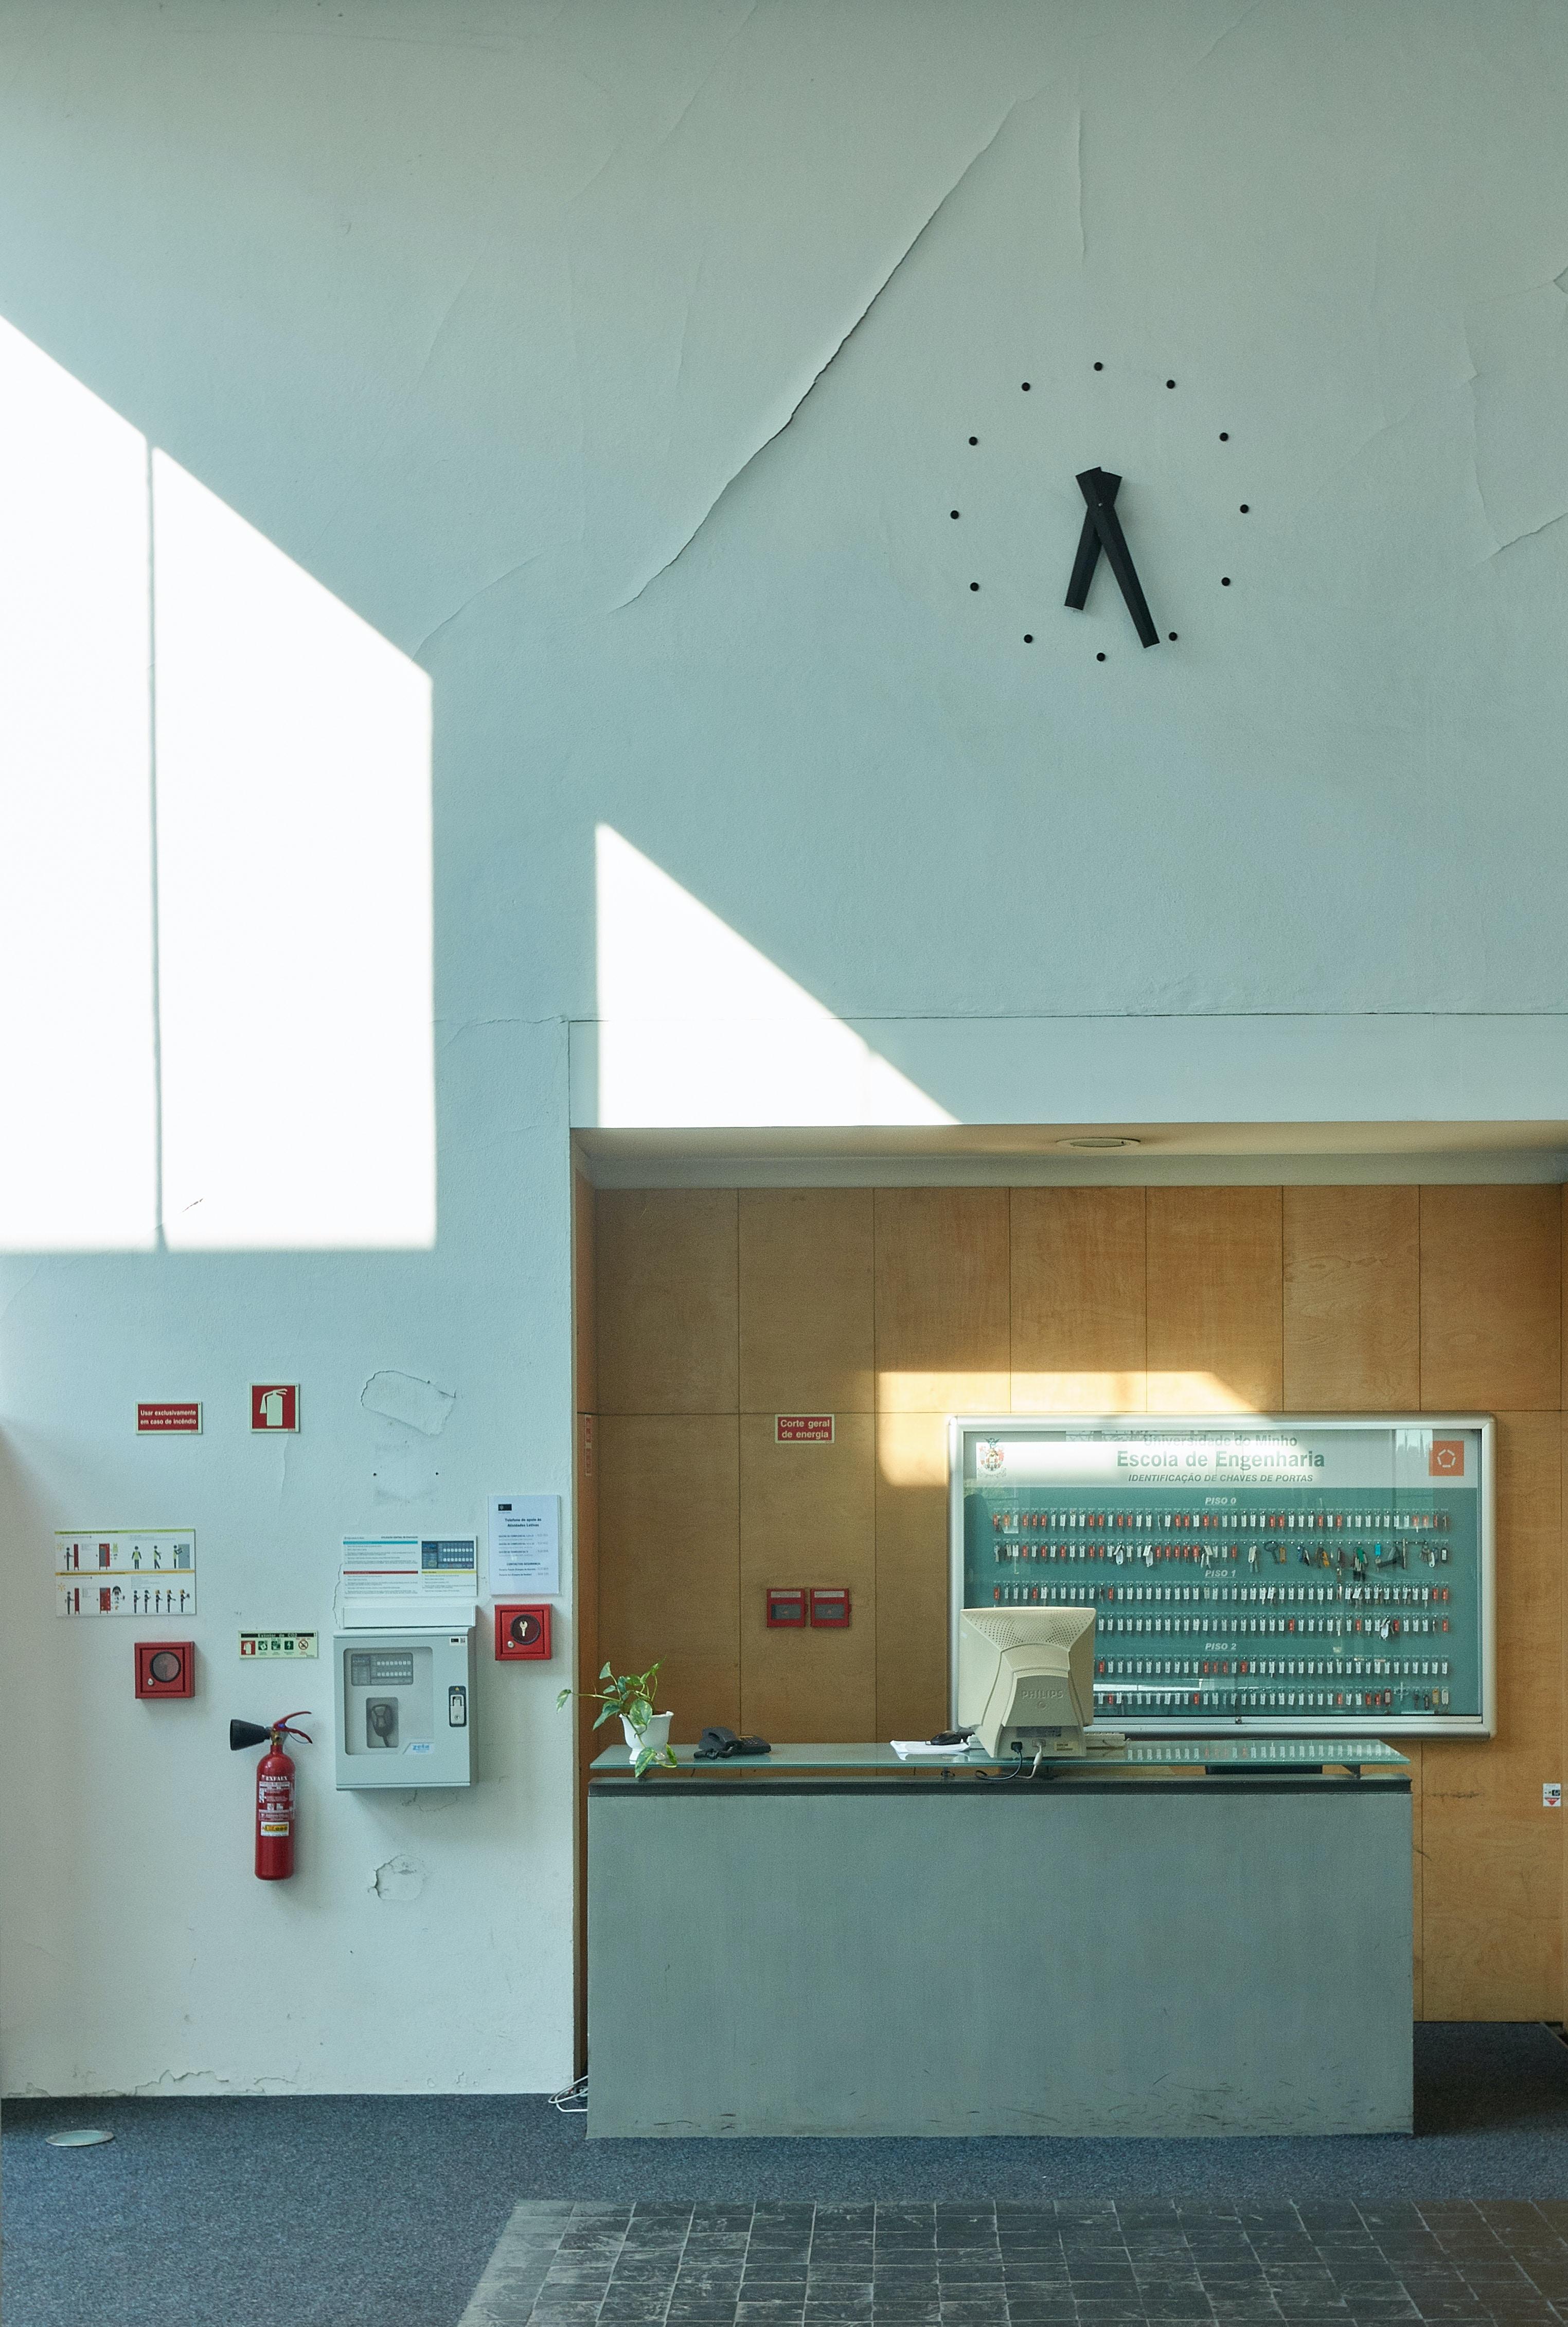 black analog wall clock at 6:26 display